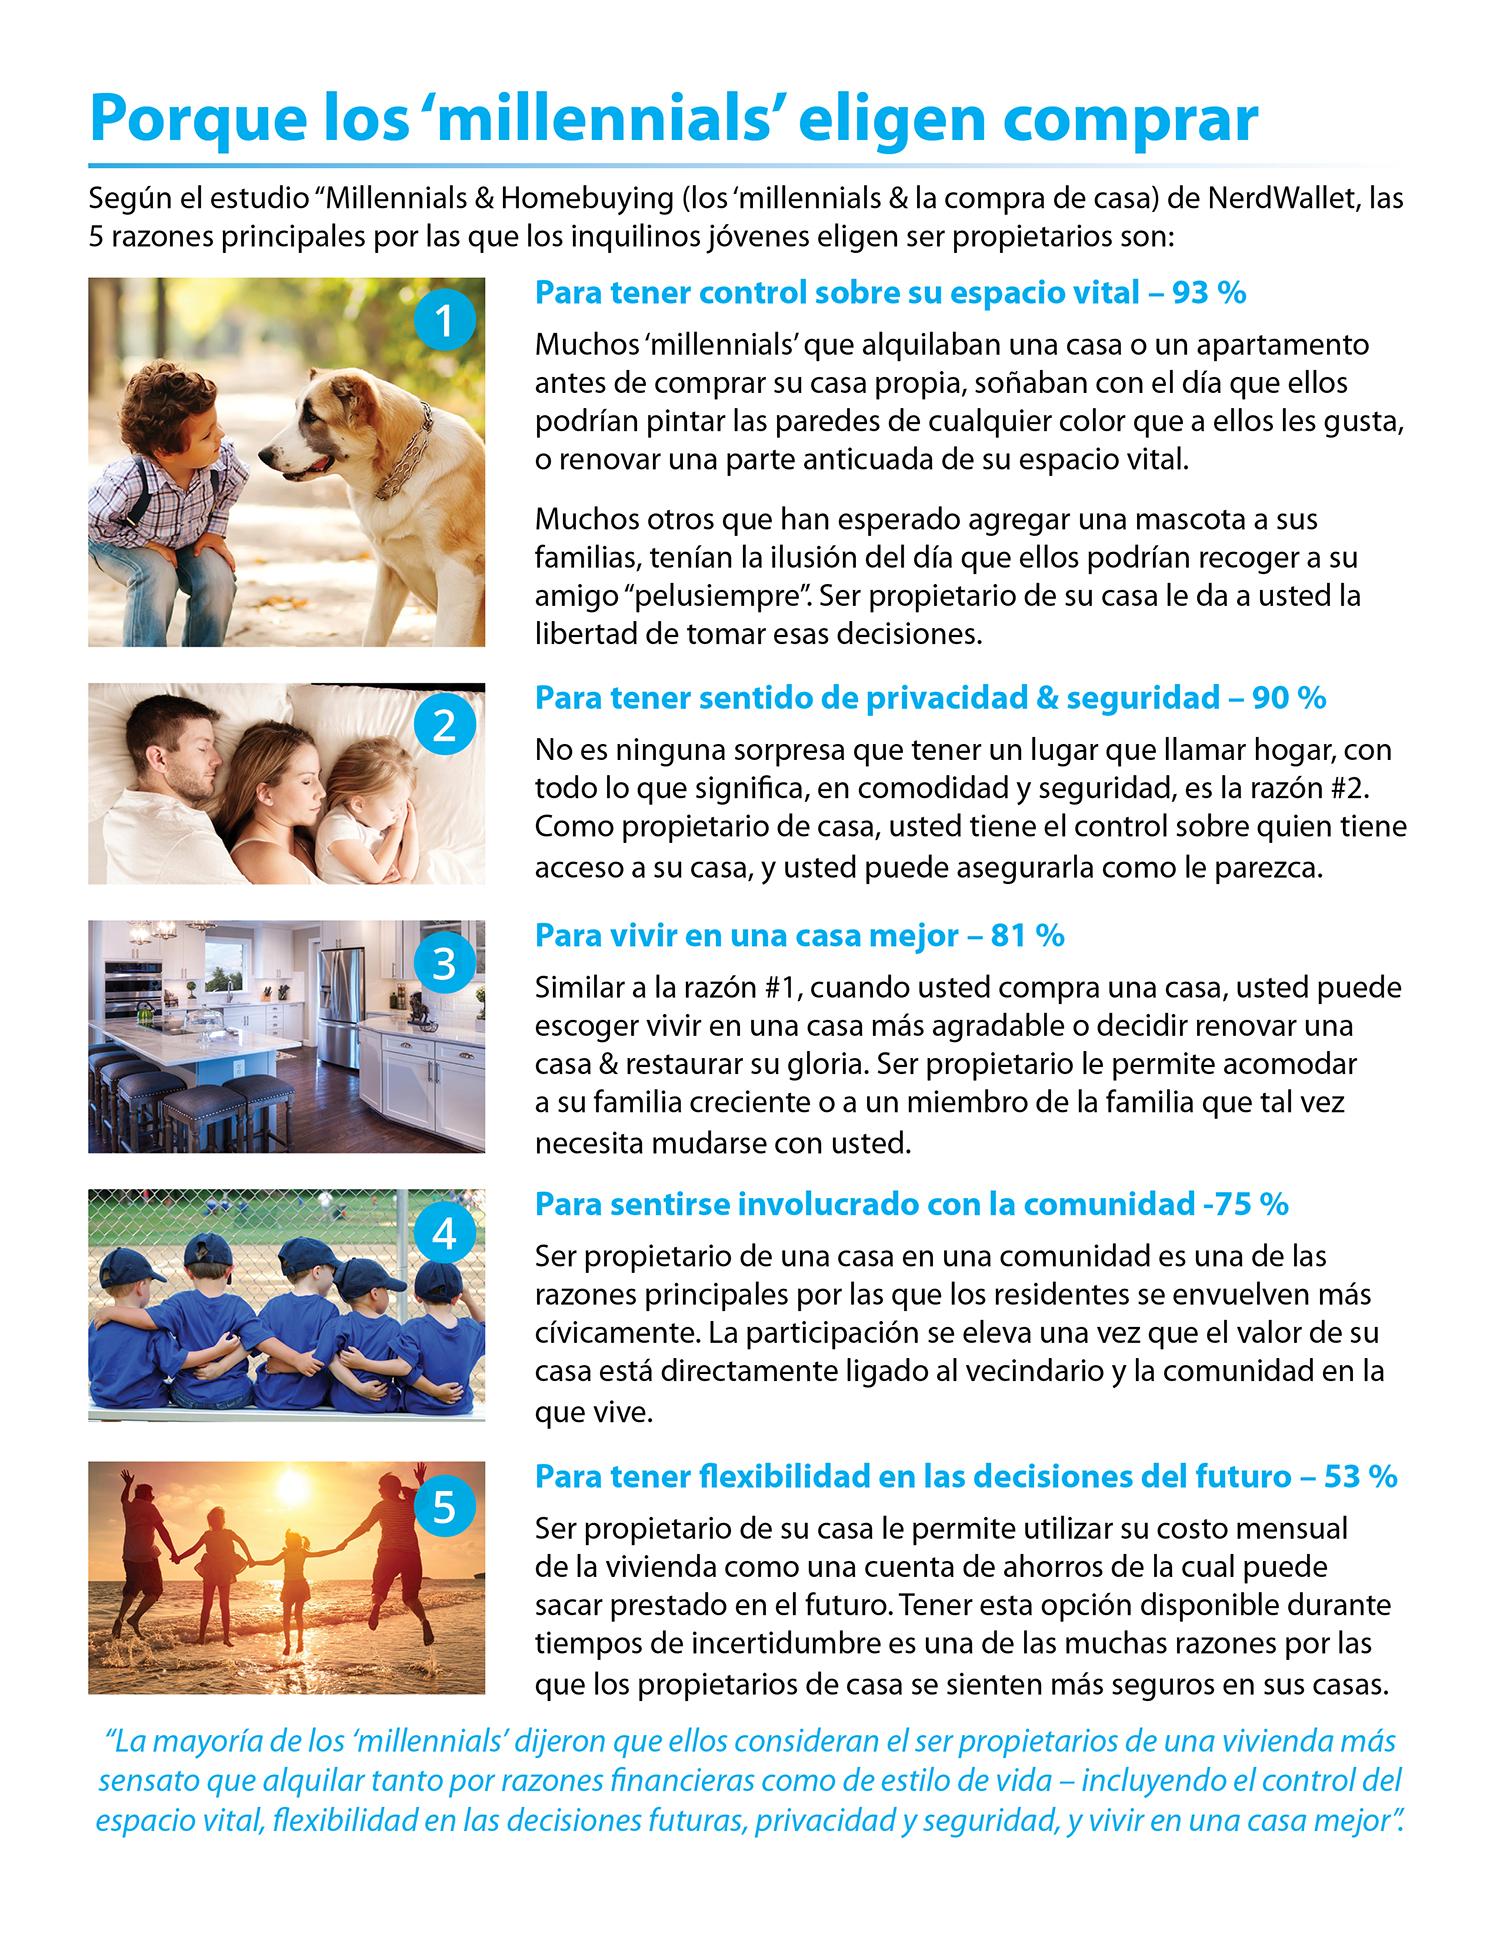 5 razones por las que los 'millennials' eligen comprar una casa [infografía] | Simplifying The Market